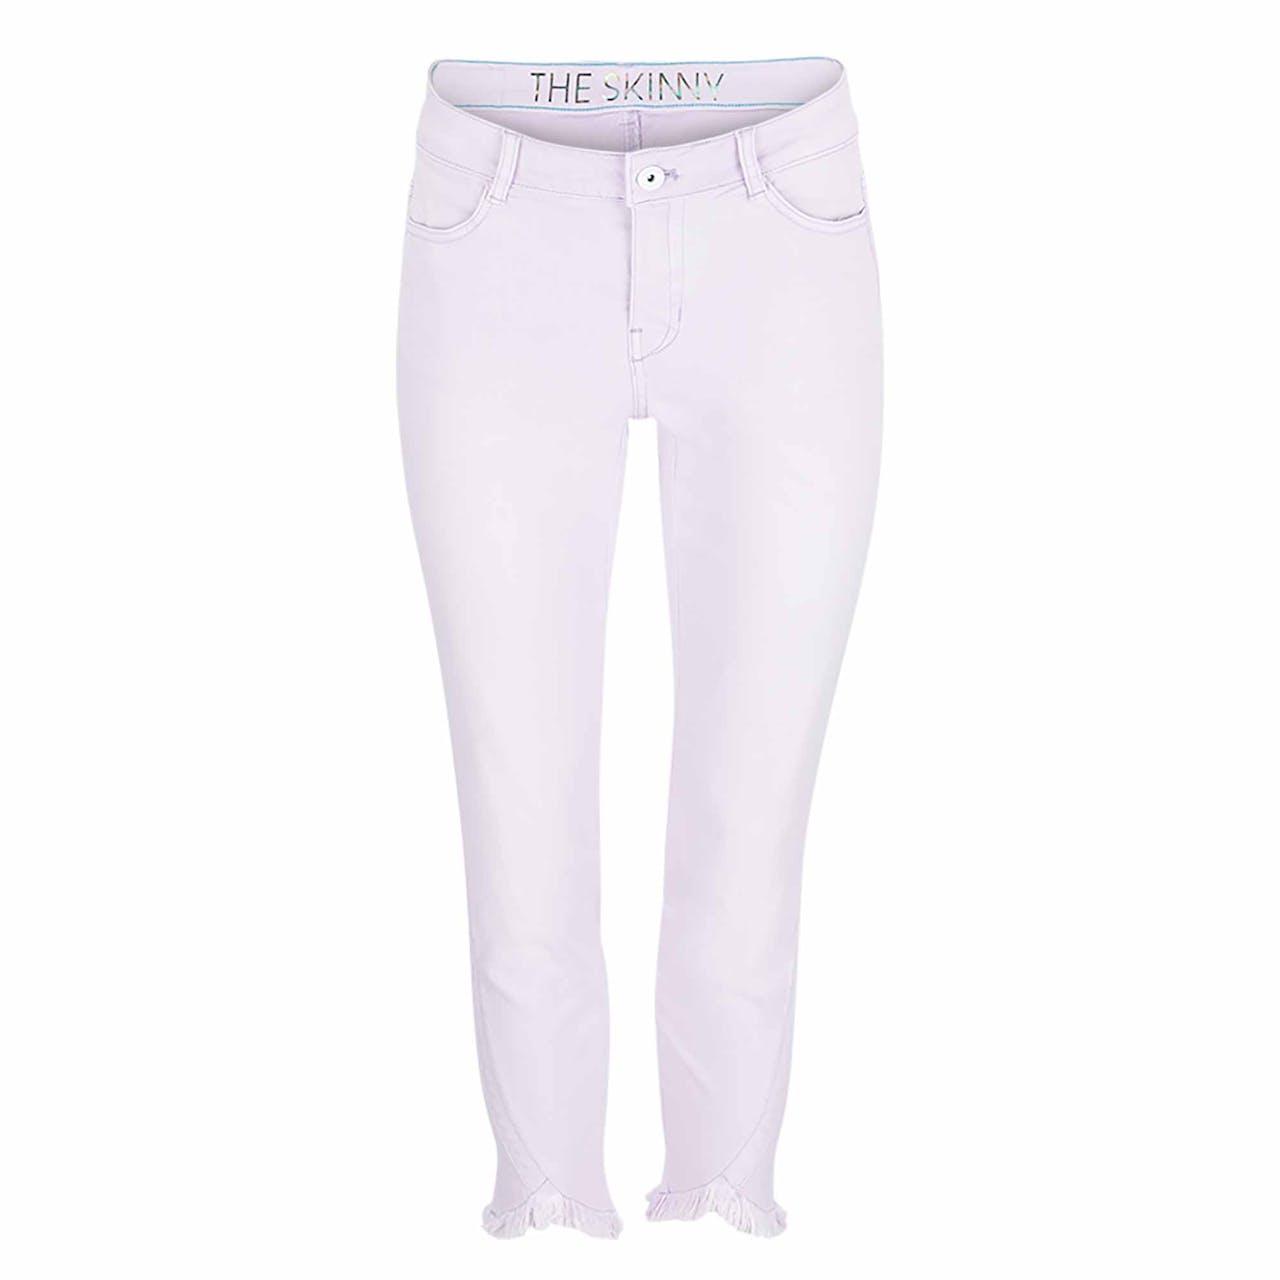 Jeans - Skinny Fit - Zip